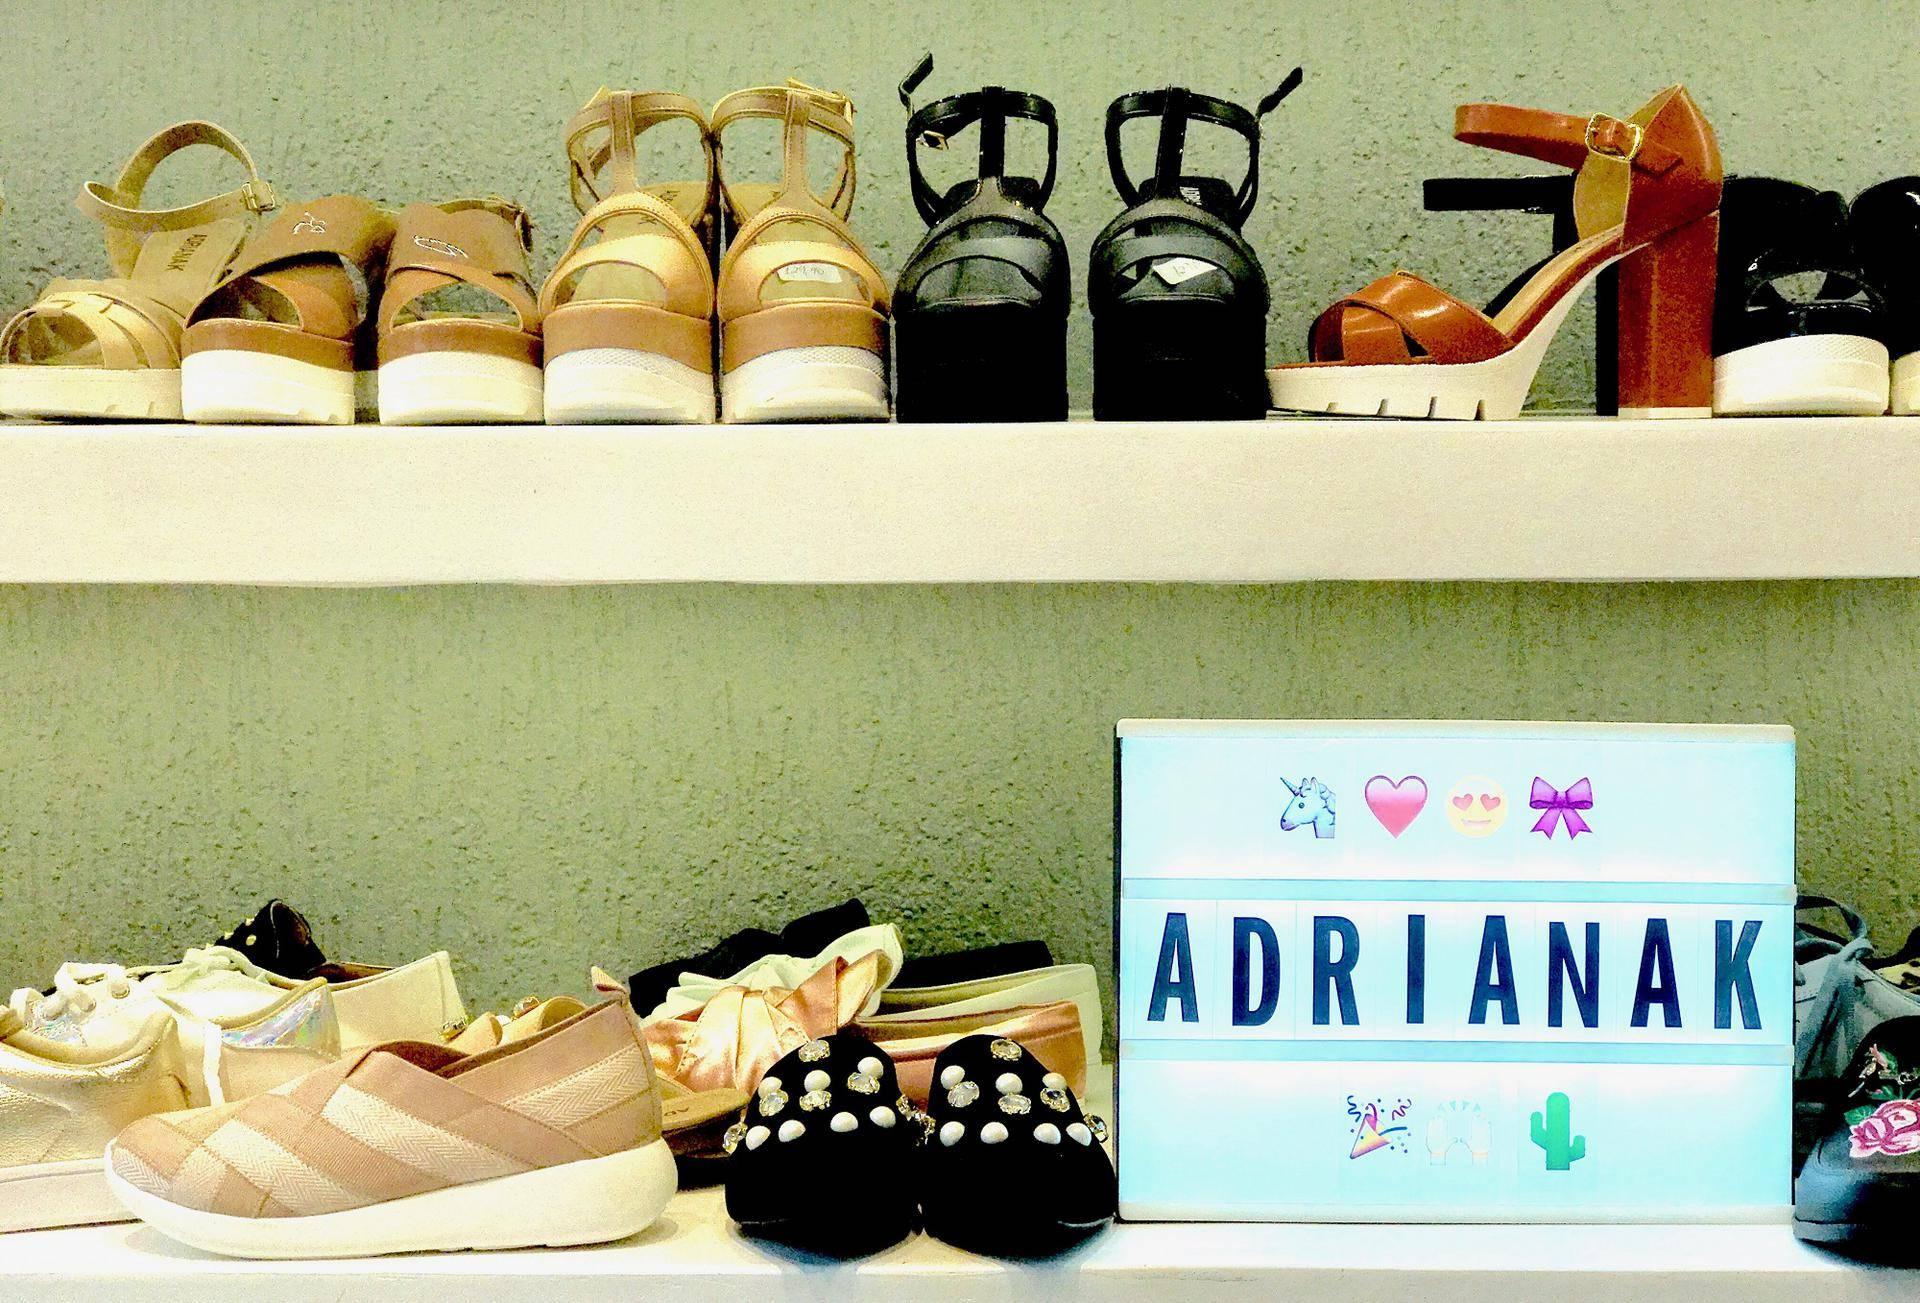 www.juicysantos.com.br - adrianak shoes em santos sp showroom